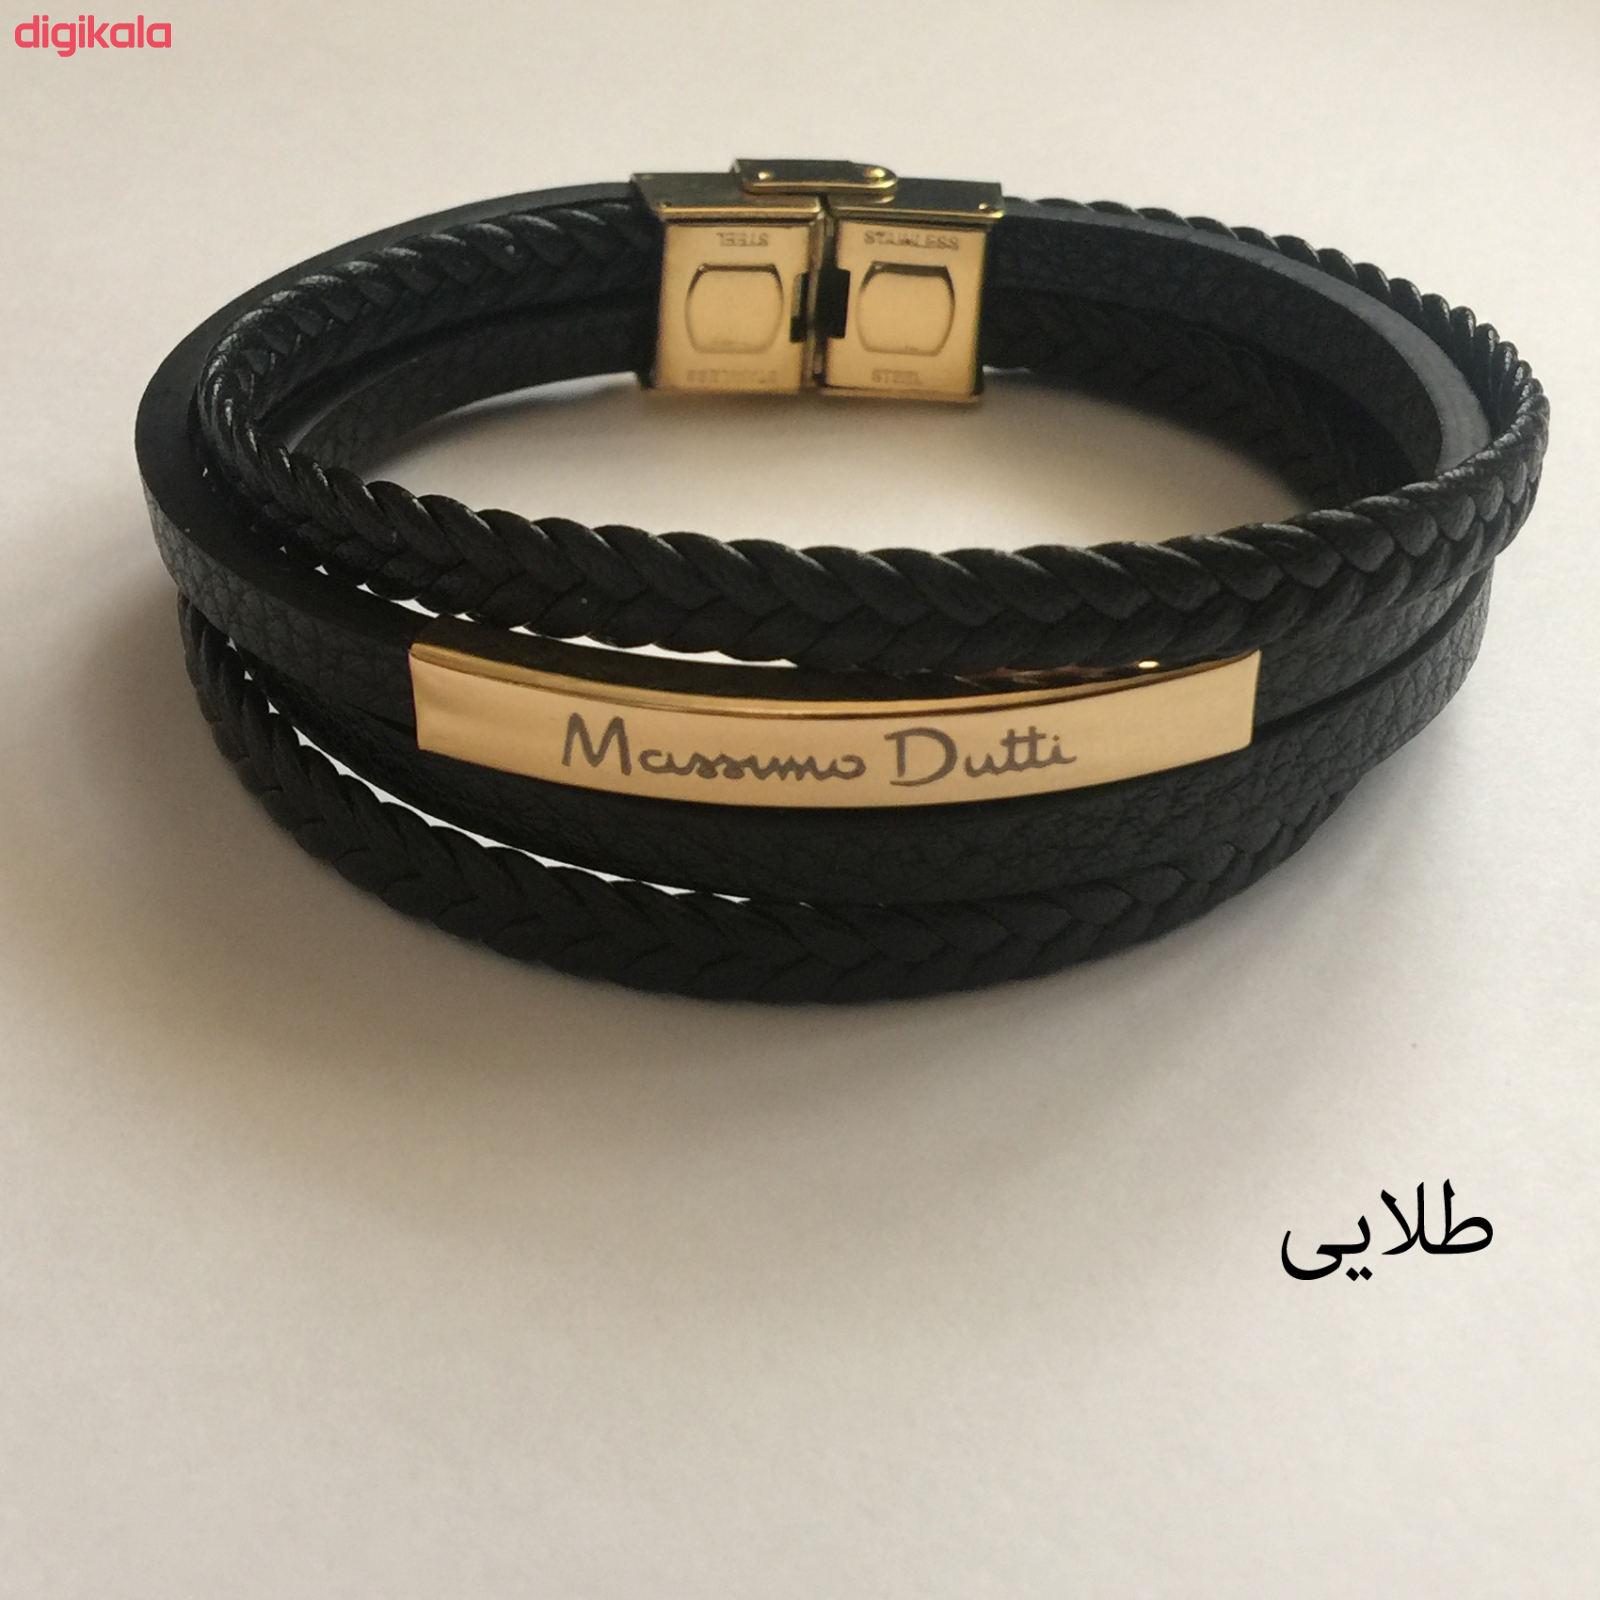 دستبند مردانه مدل M.D268 main 1 1